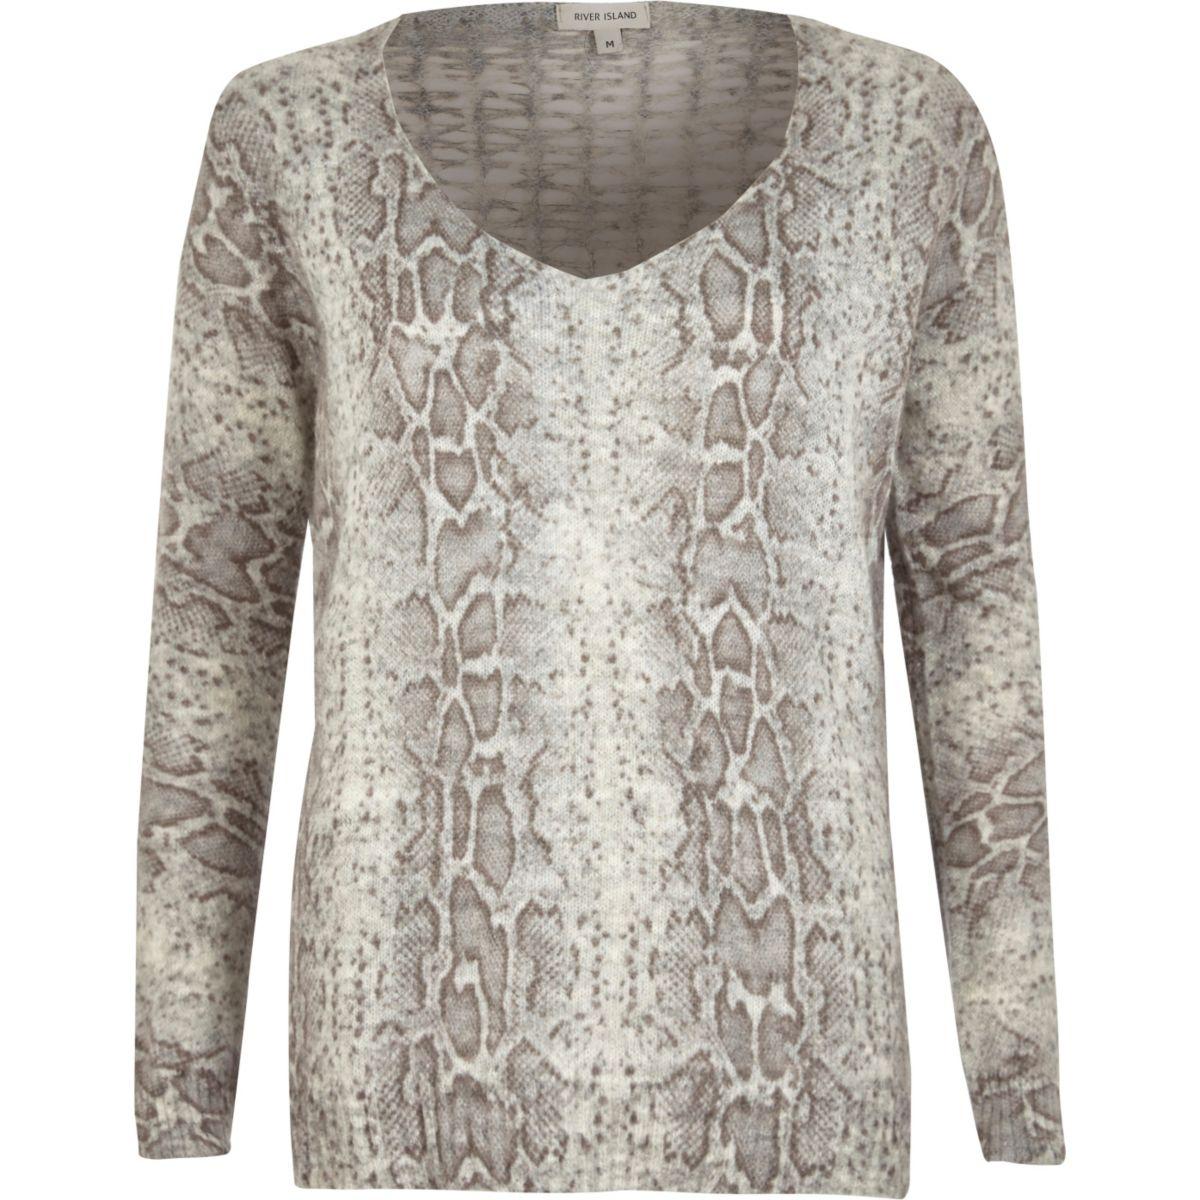 Grey snake lattice back V neck knit sweater